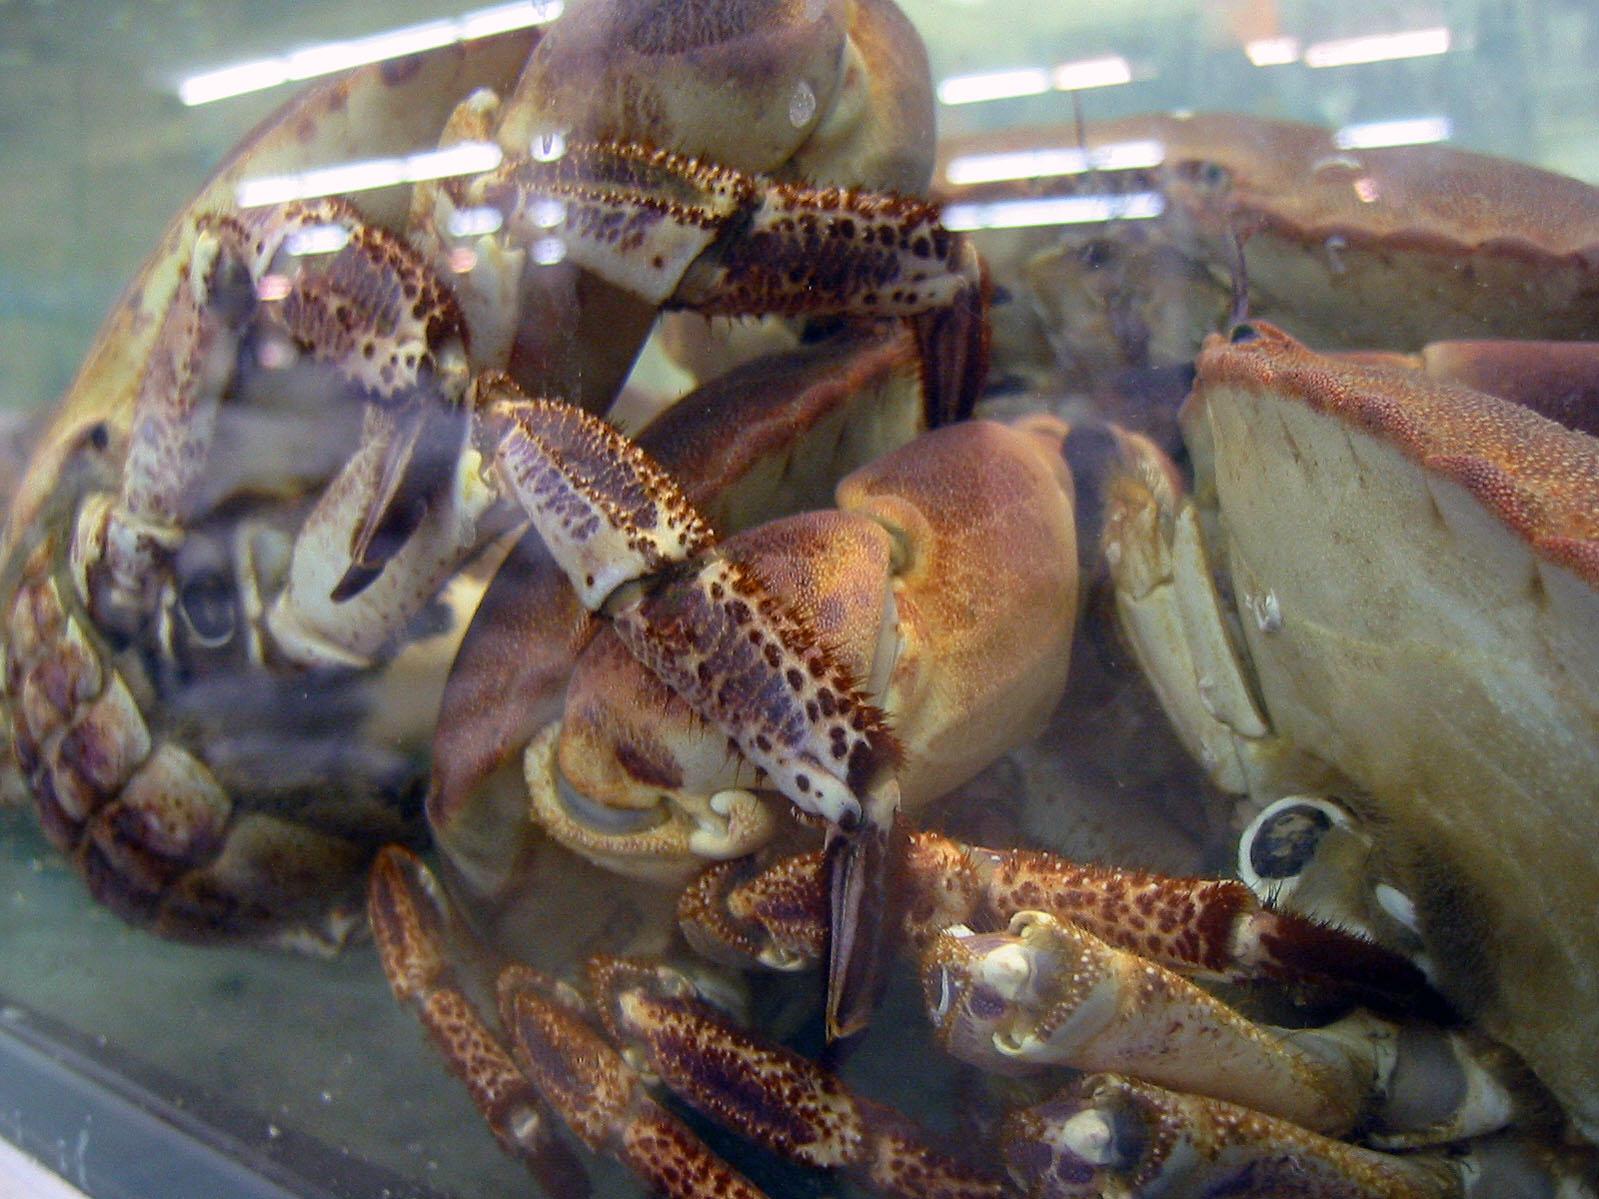 King crabs, Salt, Swim, Water, King, HQ Photo